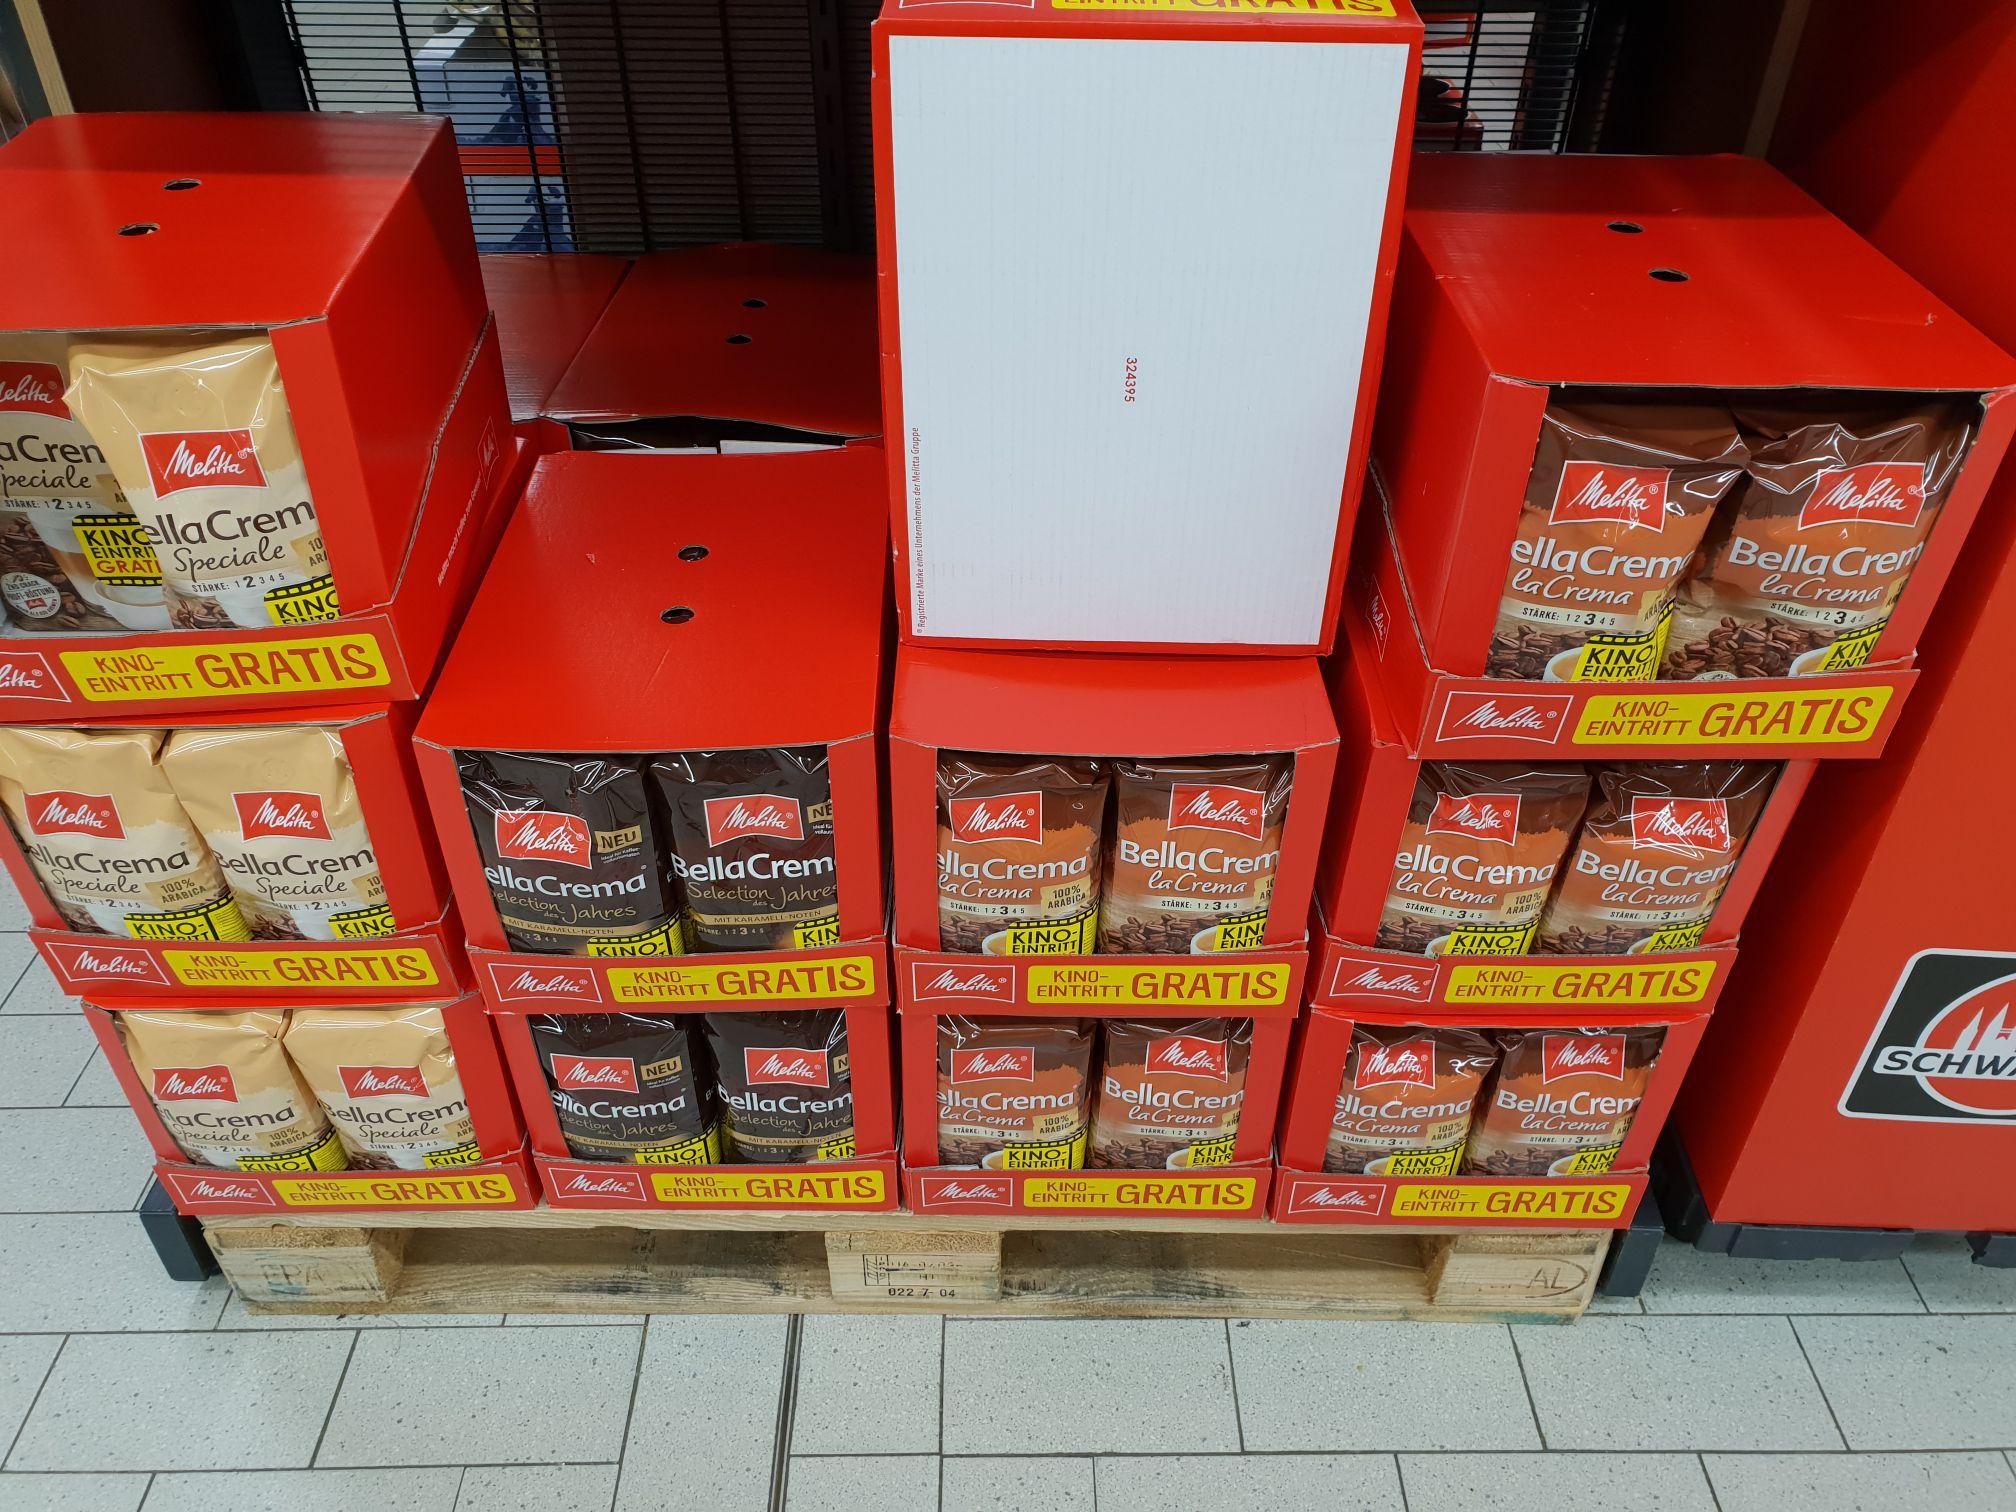 Melitta 1 kg Kaffeebohnen verschiedene Sorten + gratis Moviechoice Kinogutschein im Kaufland